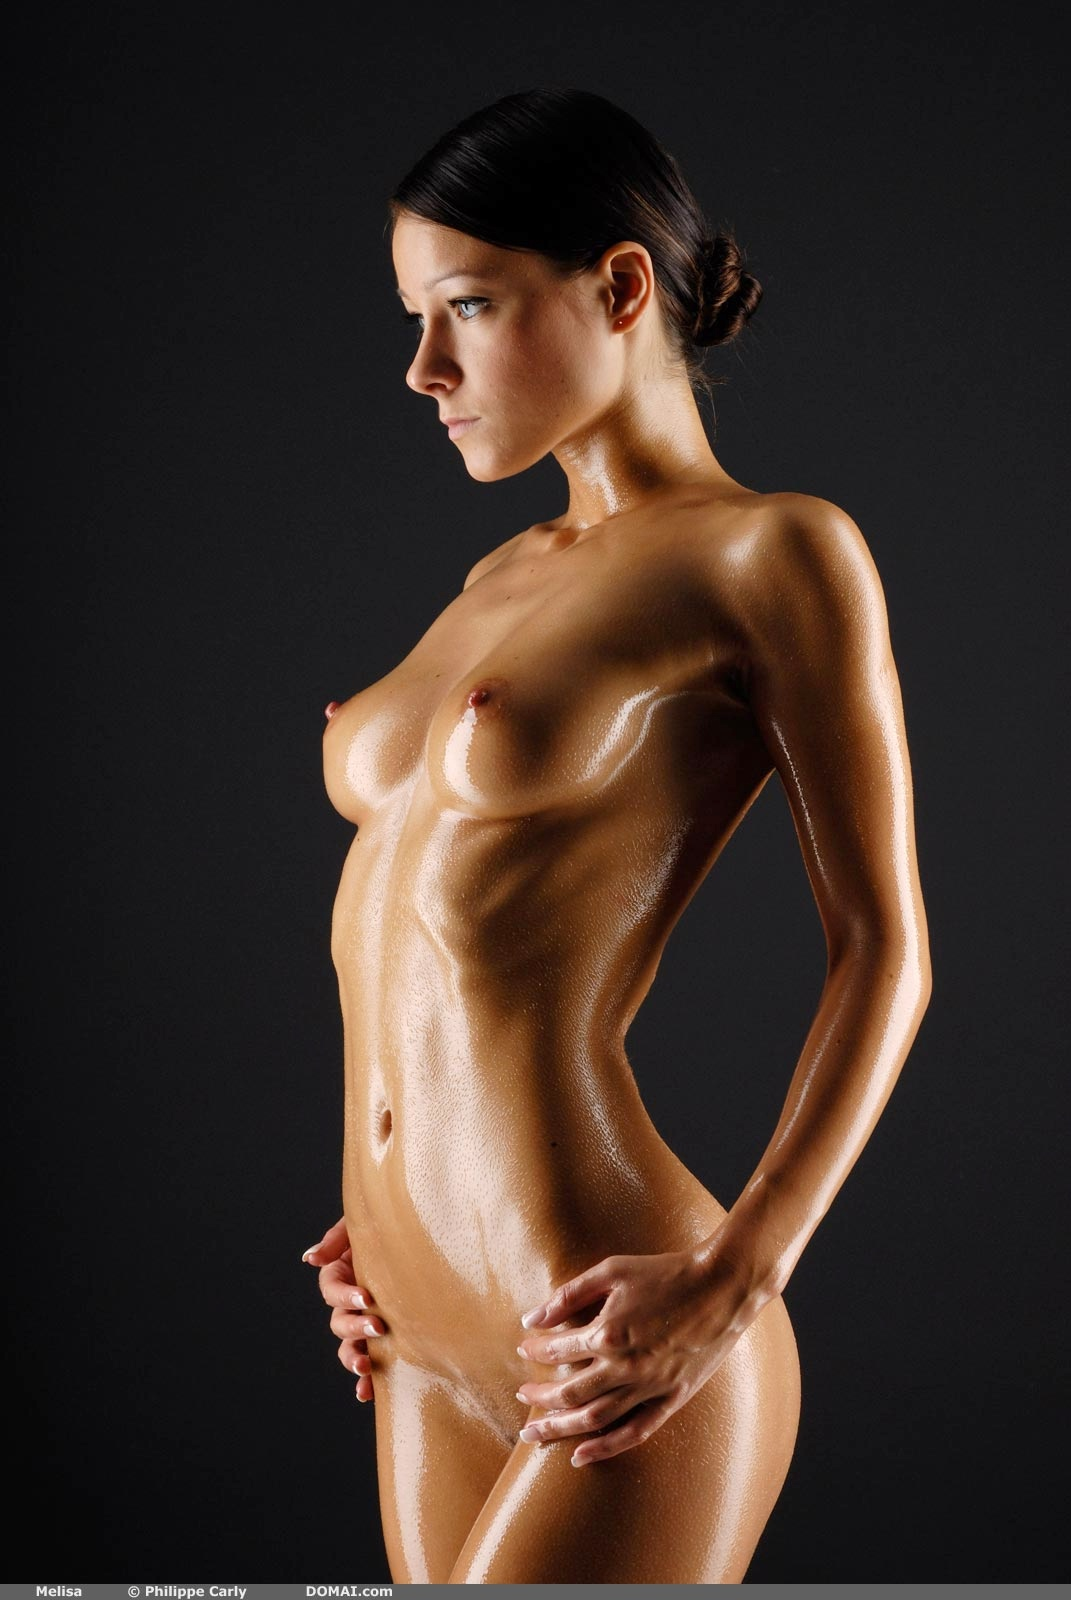 Hot naked women oiled